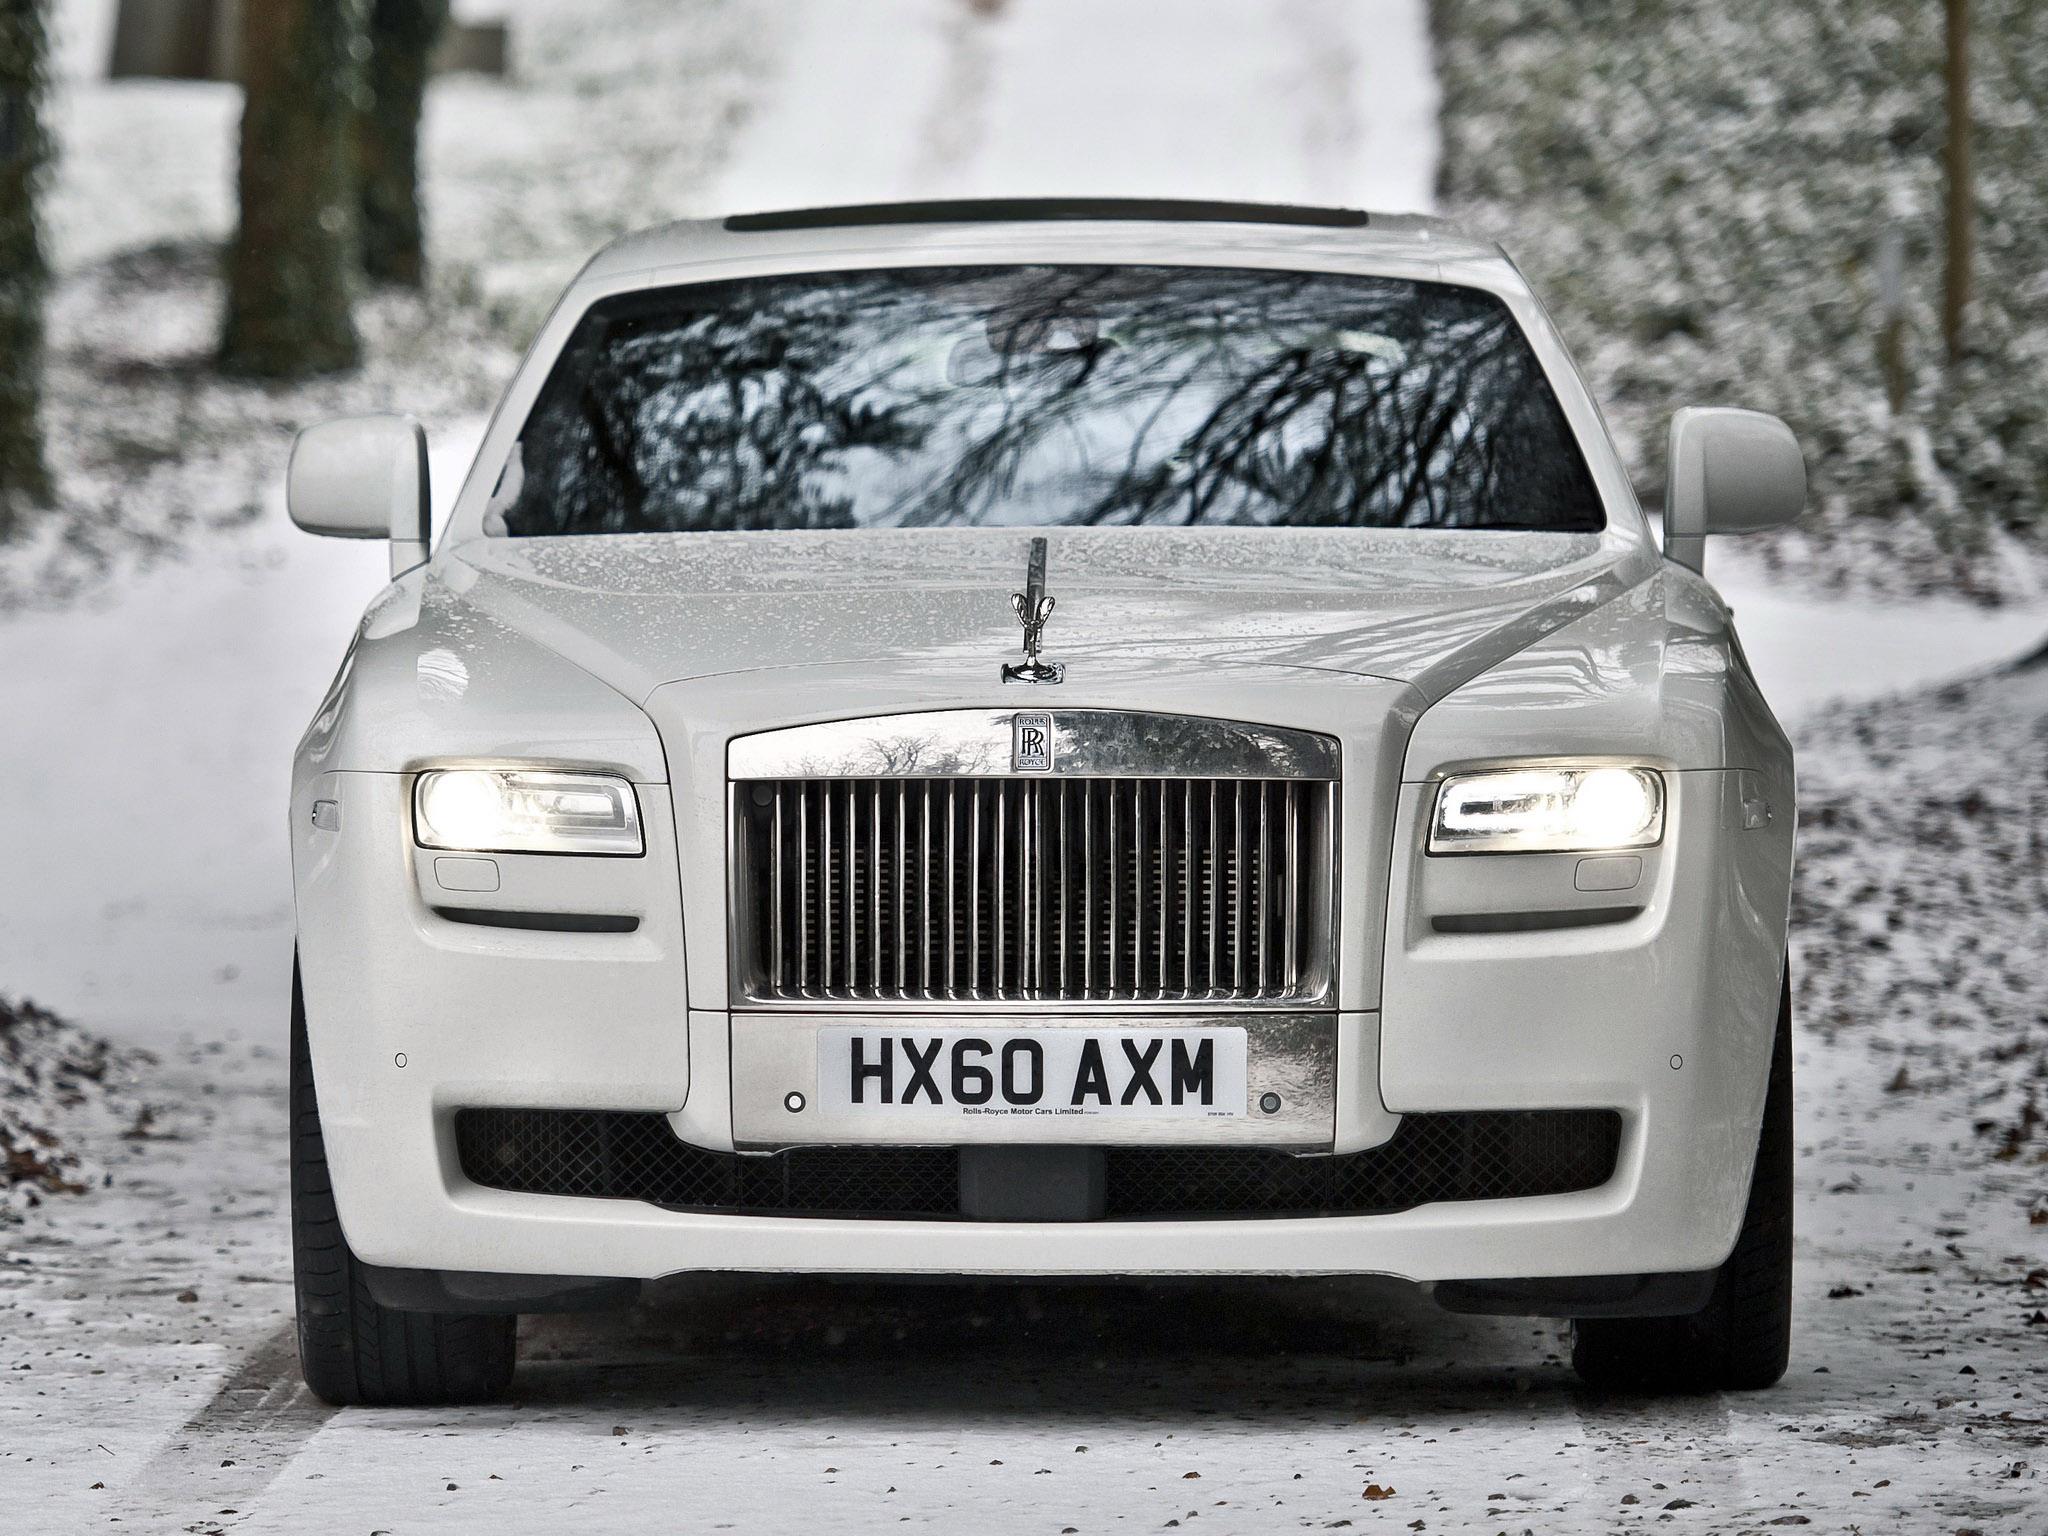 Rolls Royce Ghost Uk 2009 Rolls Royce Ghost Uk 2009 Photo 05 Car